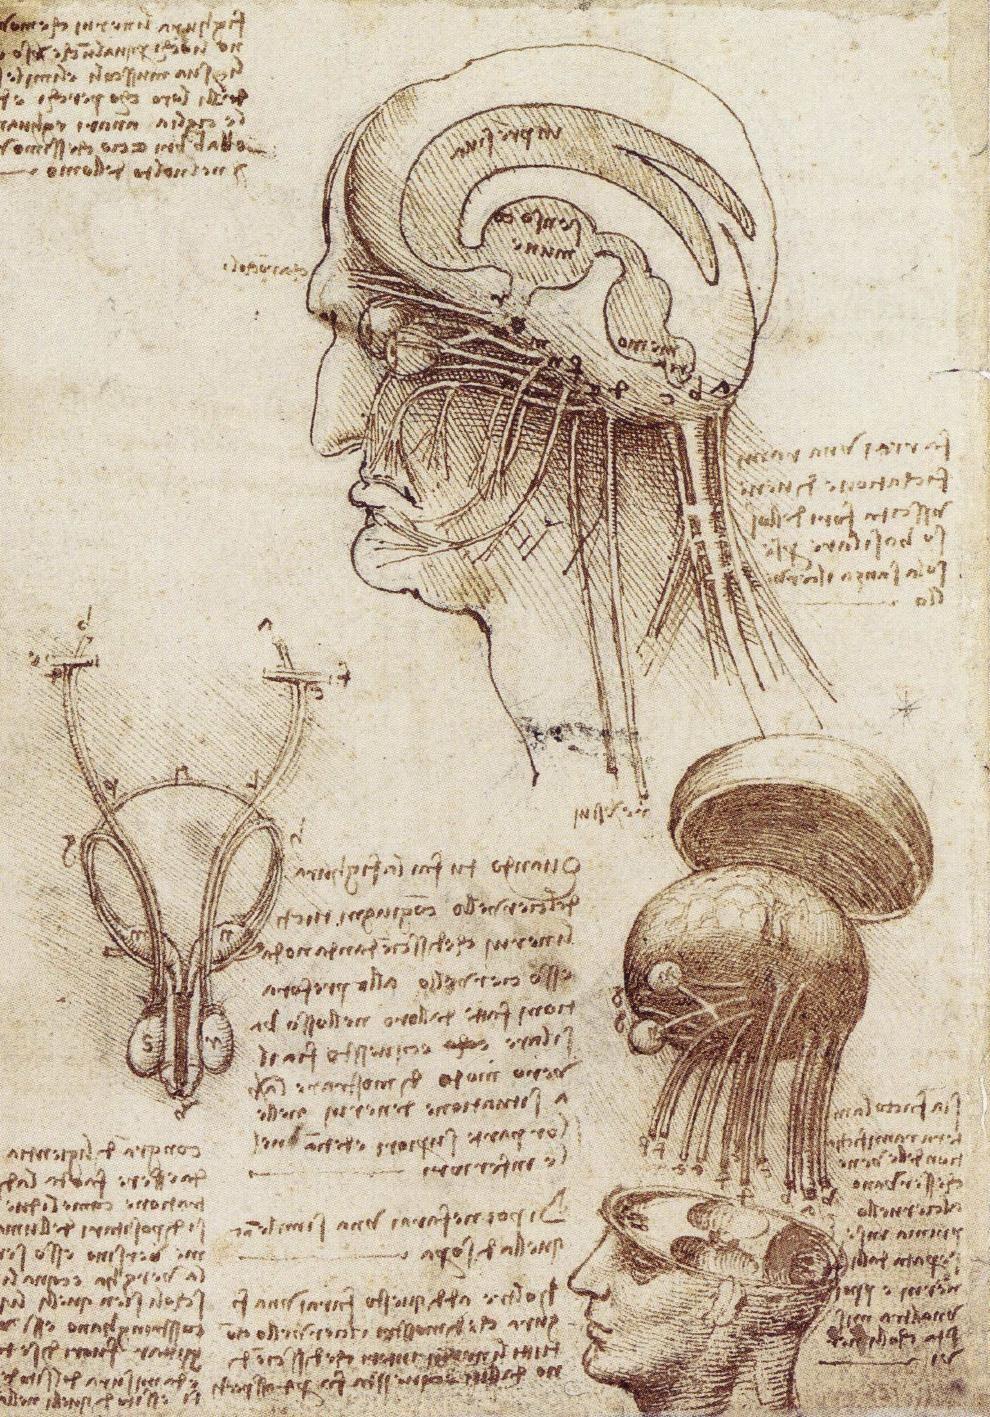 Da Vinci. Study of Neurophys. See: https://pinterest.com/pin ...